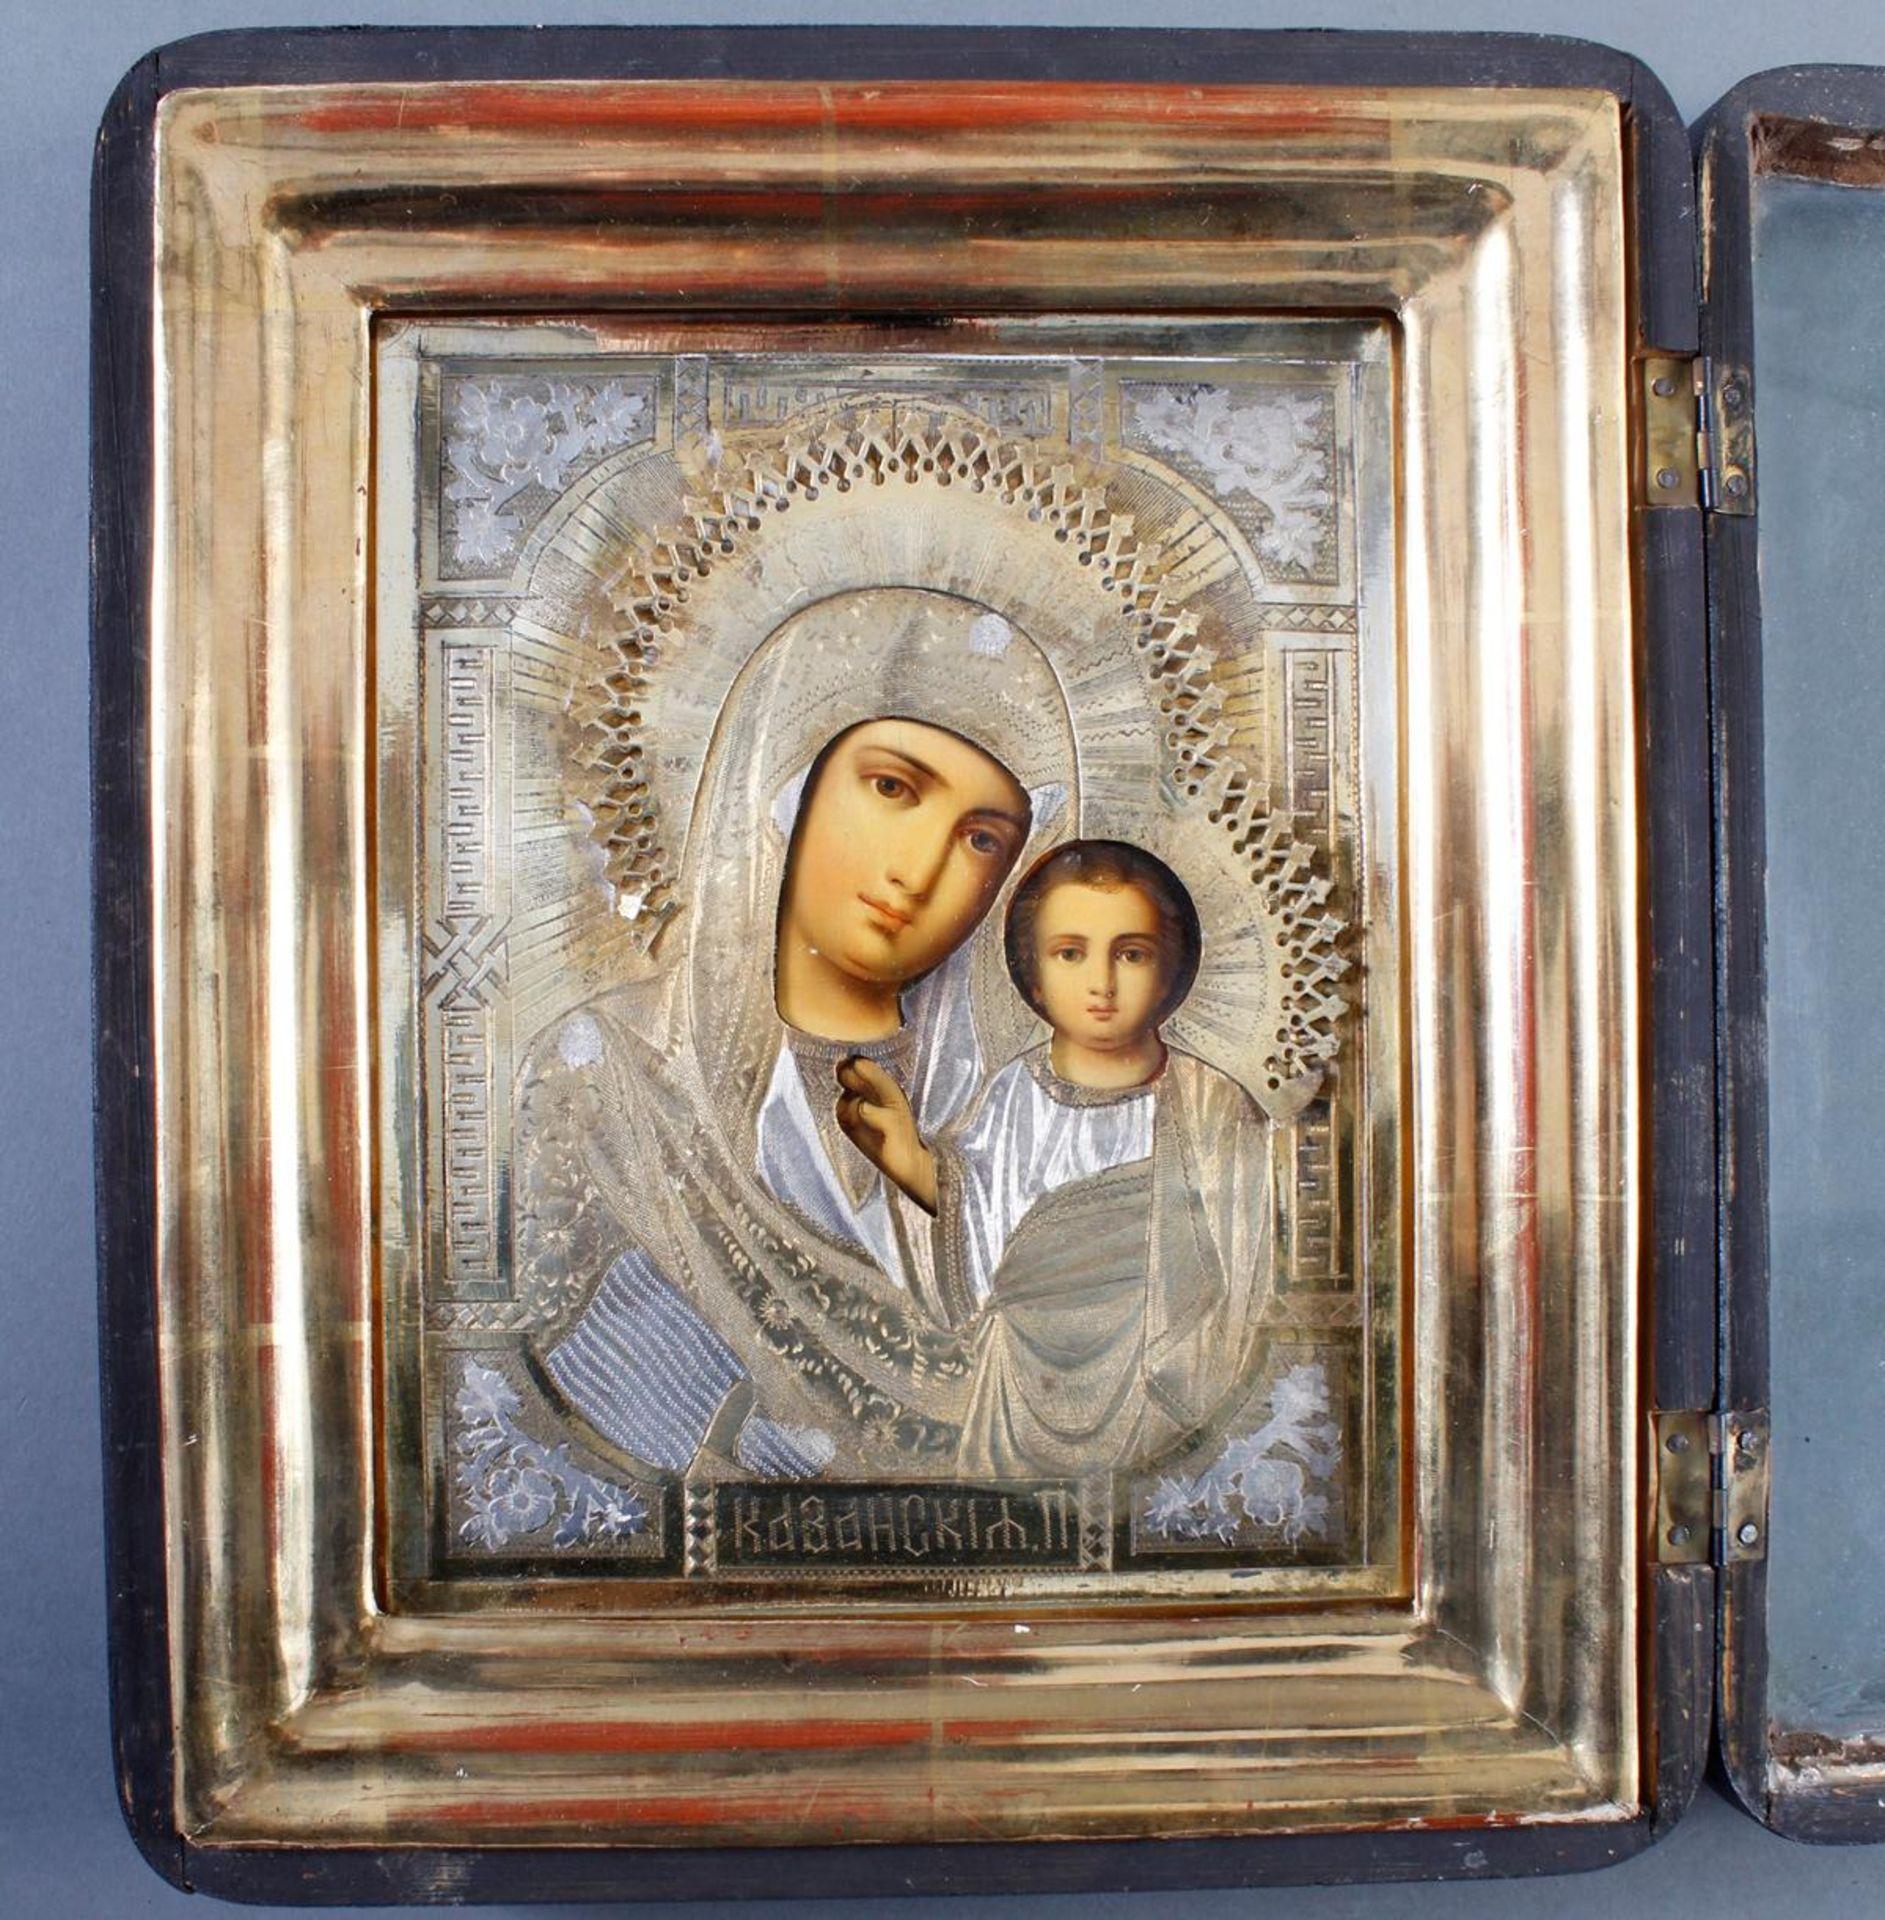 Ikone mit vergoldetem Silberoklad, Maria mit dem Jesuskind, Russland Anfang 20. Jahrhundert - Bild 3 aus 5